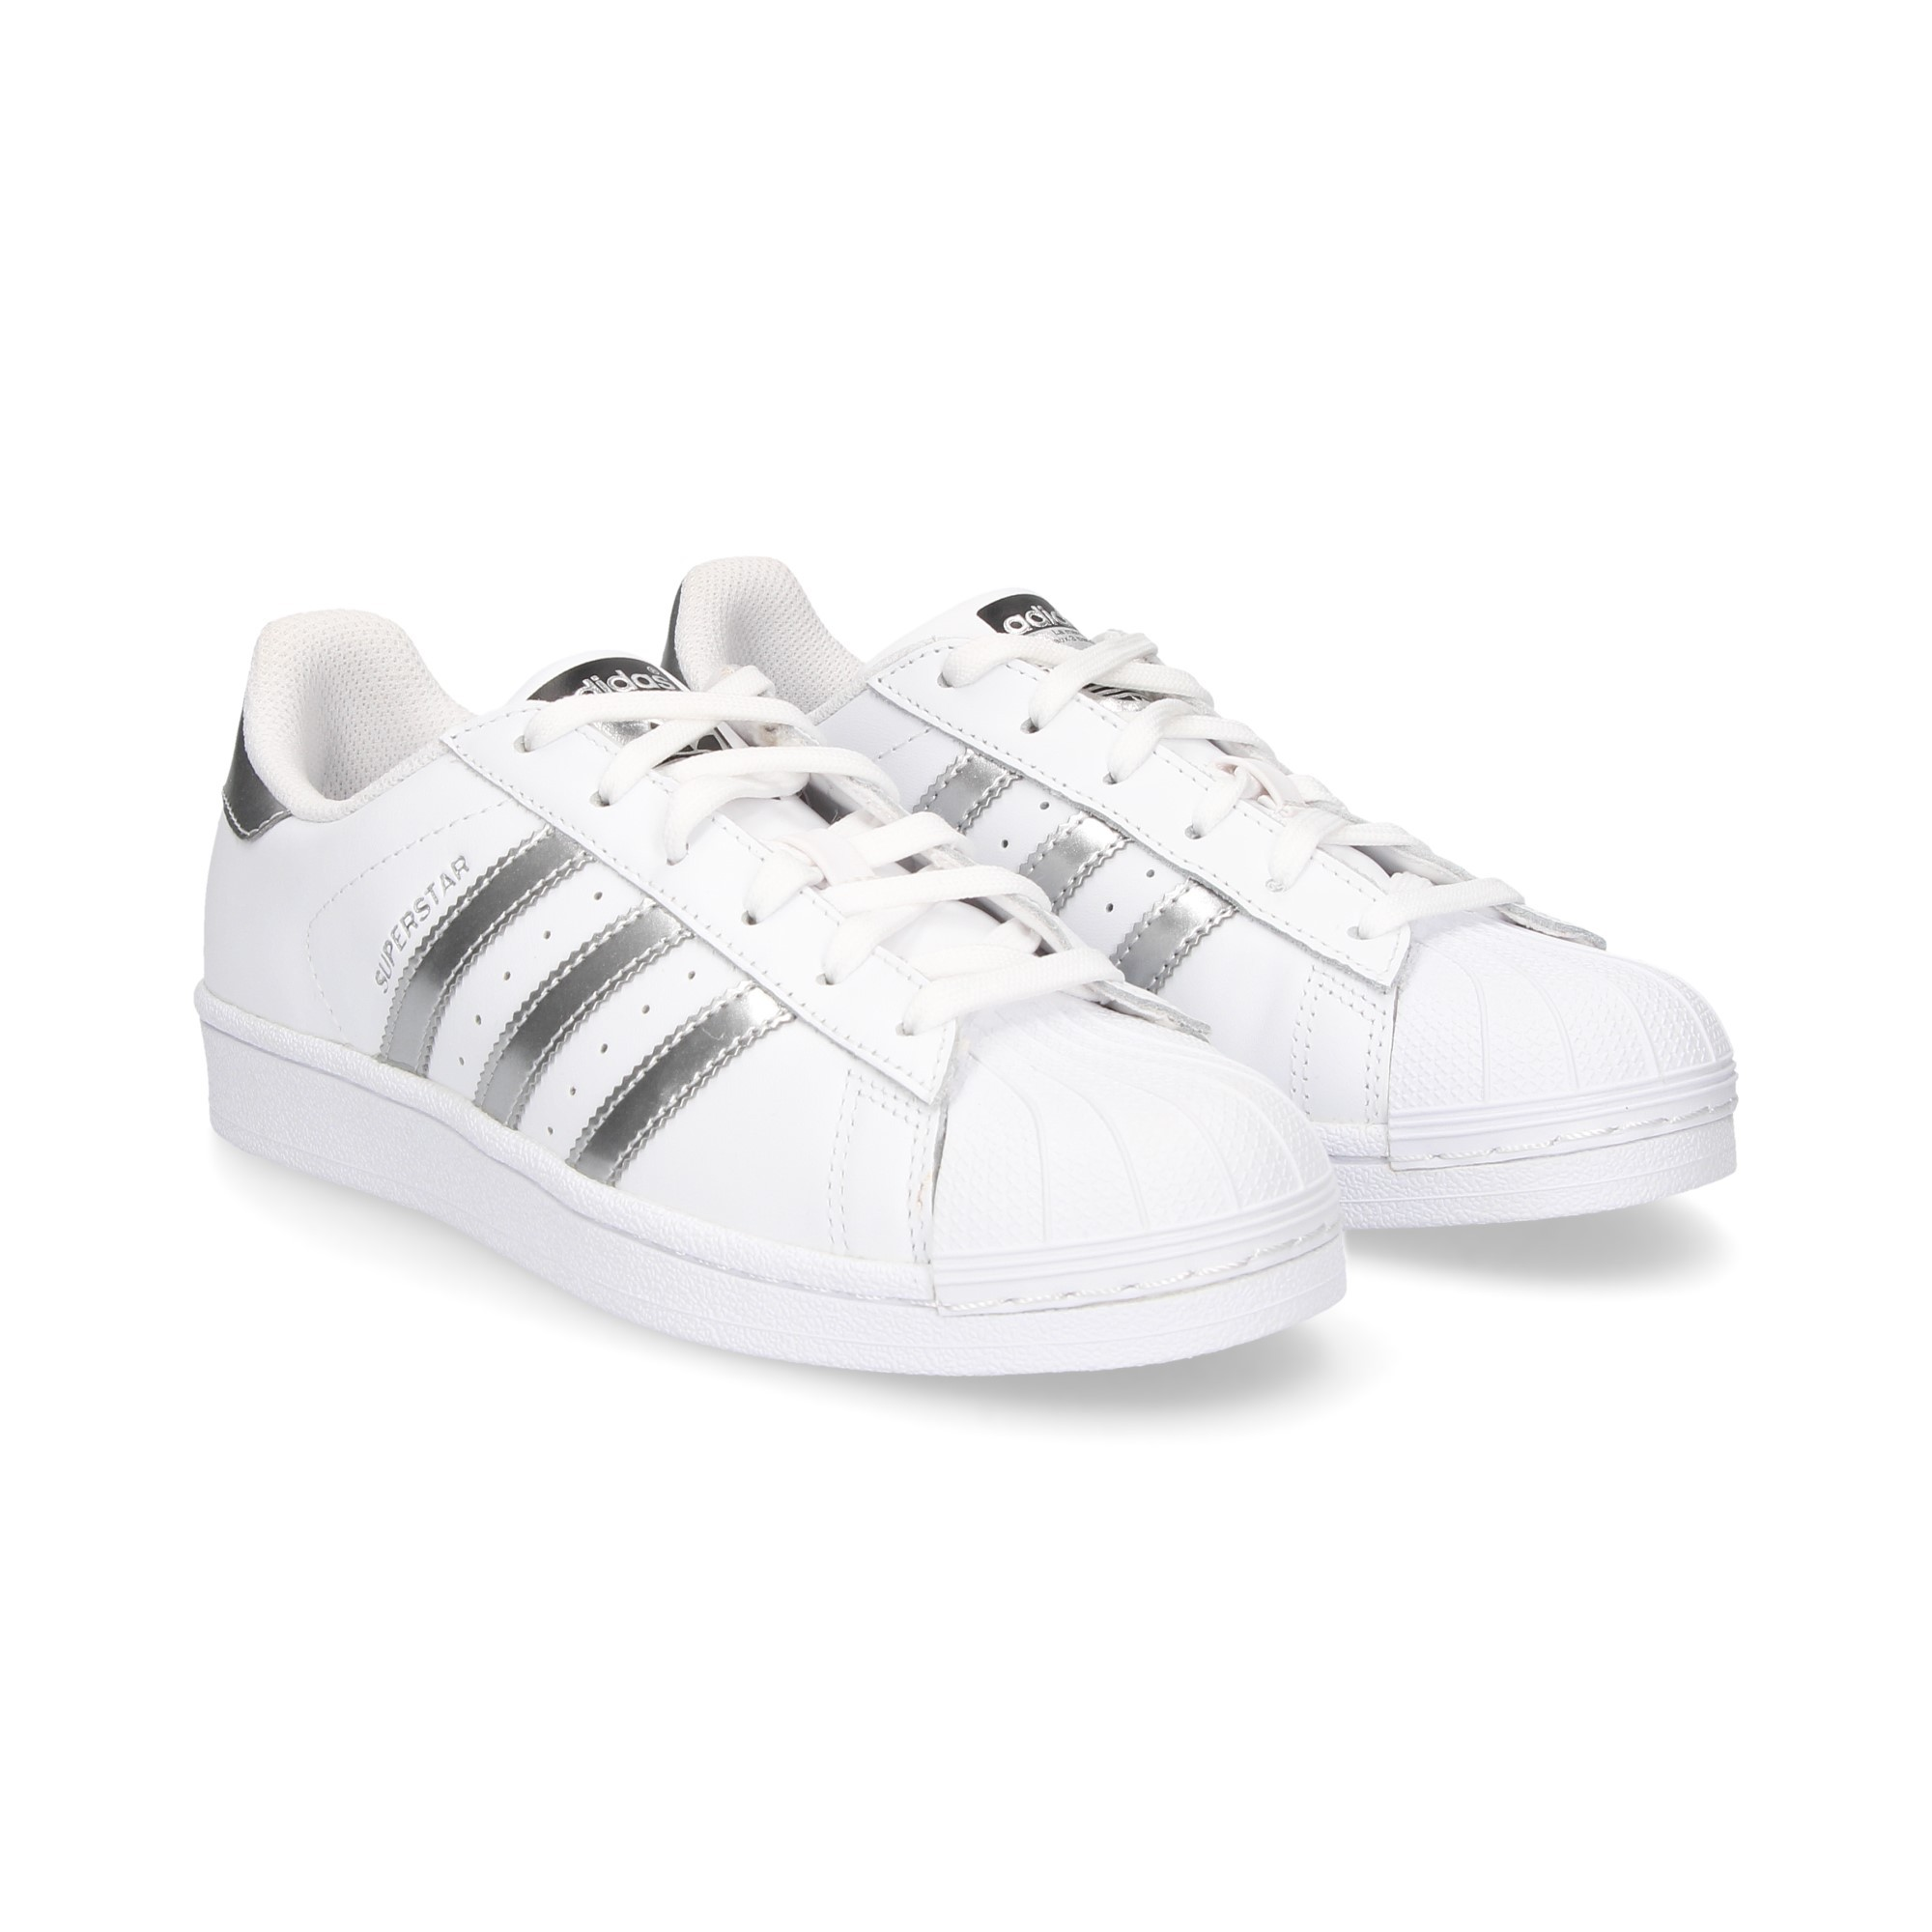 adidas zapatillas mujer blanco